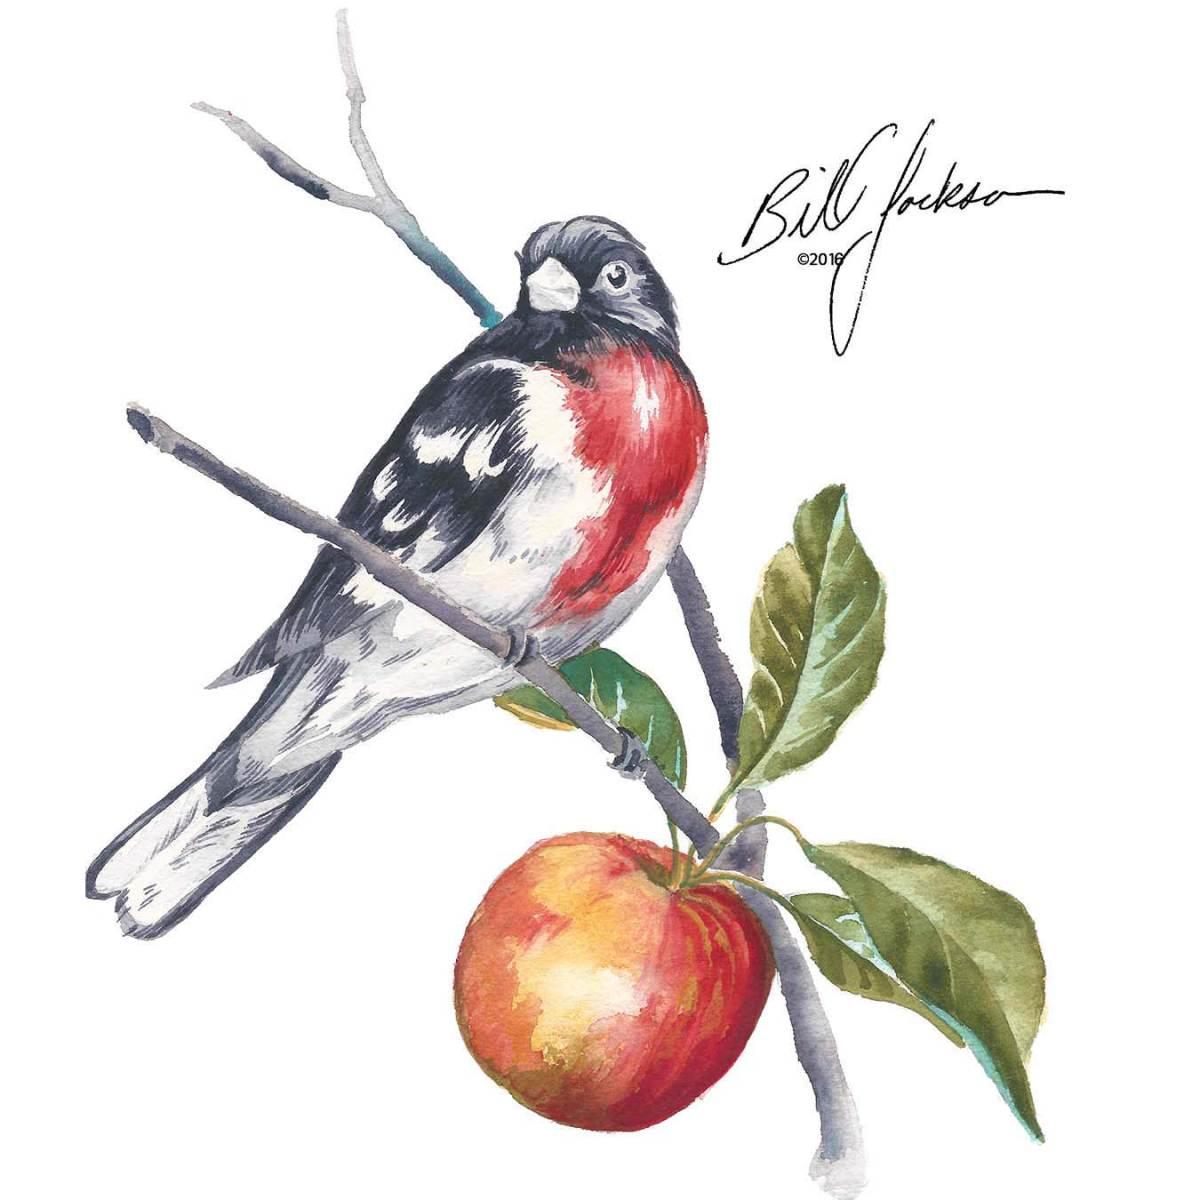 Doodlewash - Watercolor by Bill Jackson of Rose-Breasted Grosbeak